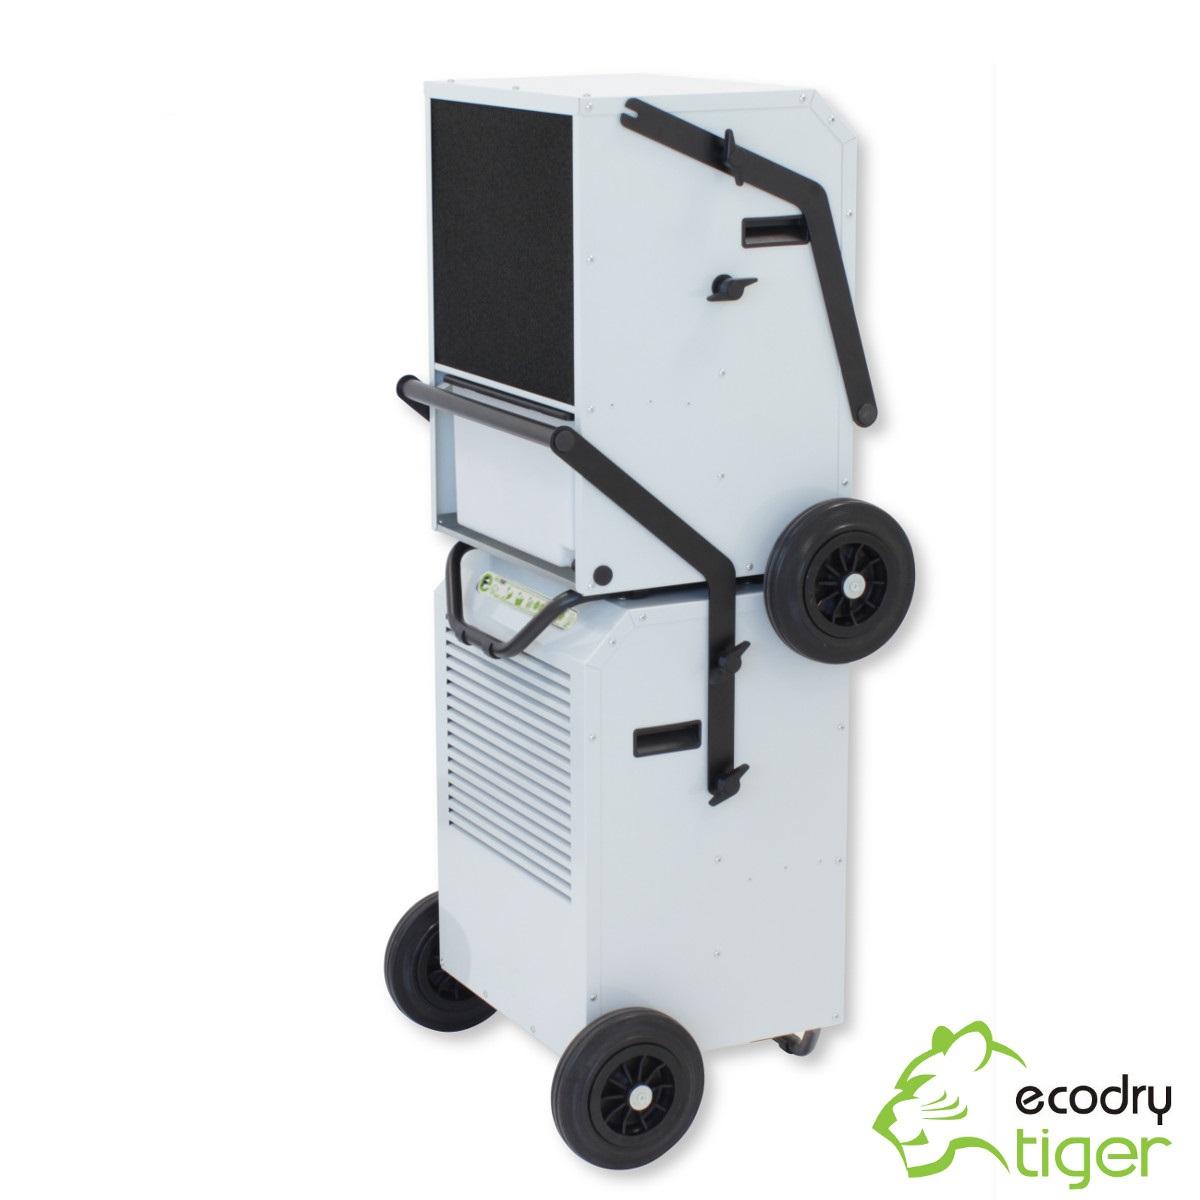 Ecodry-tiger-bautrockner-stapelbar